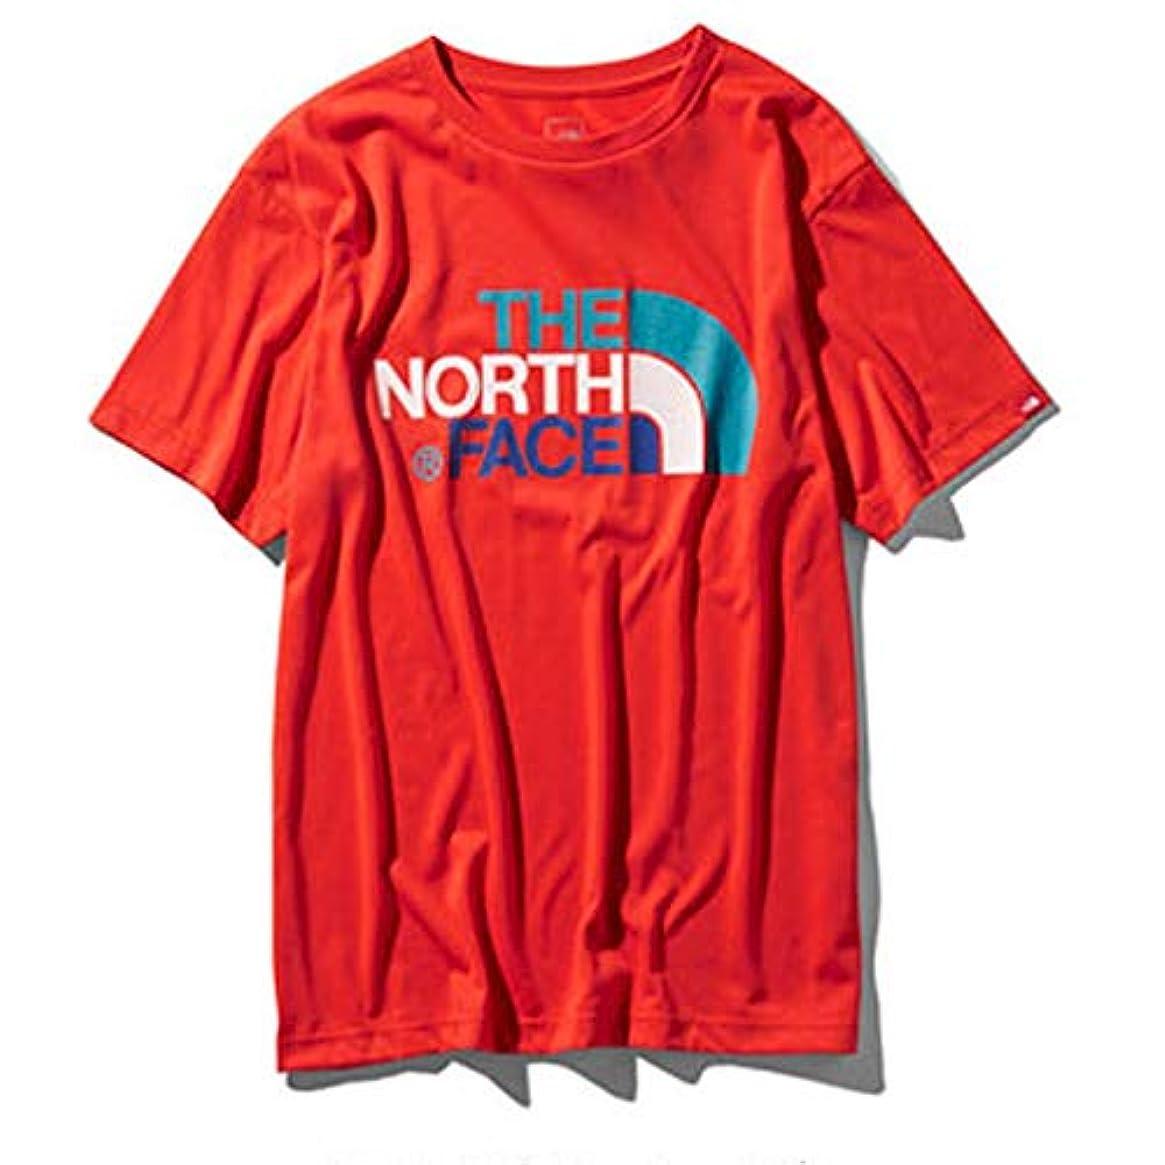 可動遺伝的事THE NORTH FACE ノースフェイス S/S カラフルロゴTee メンズ